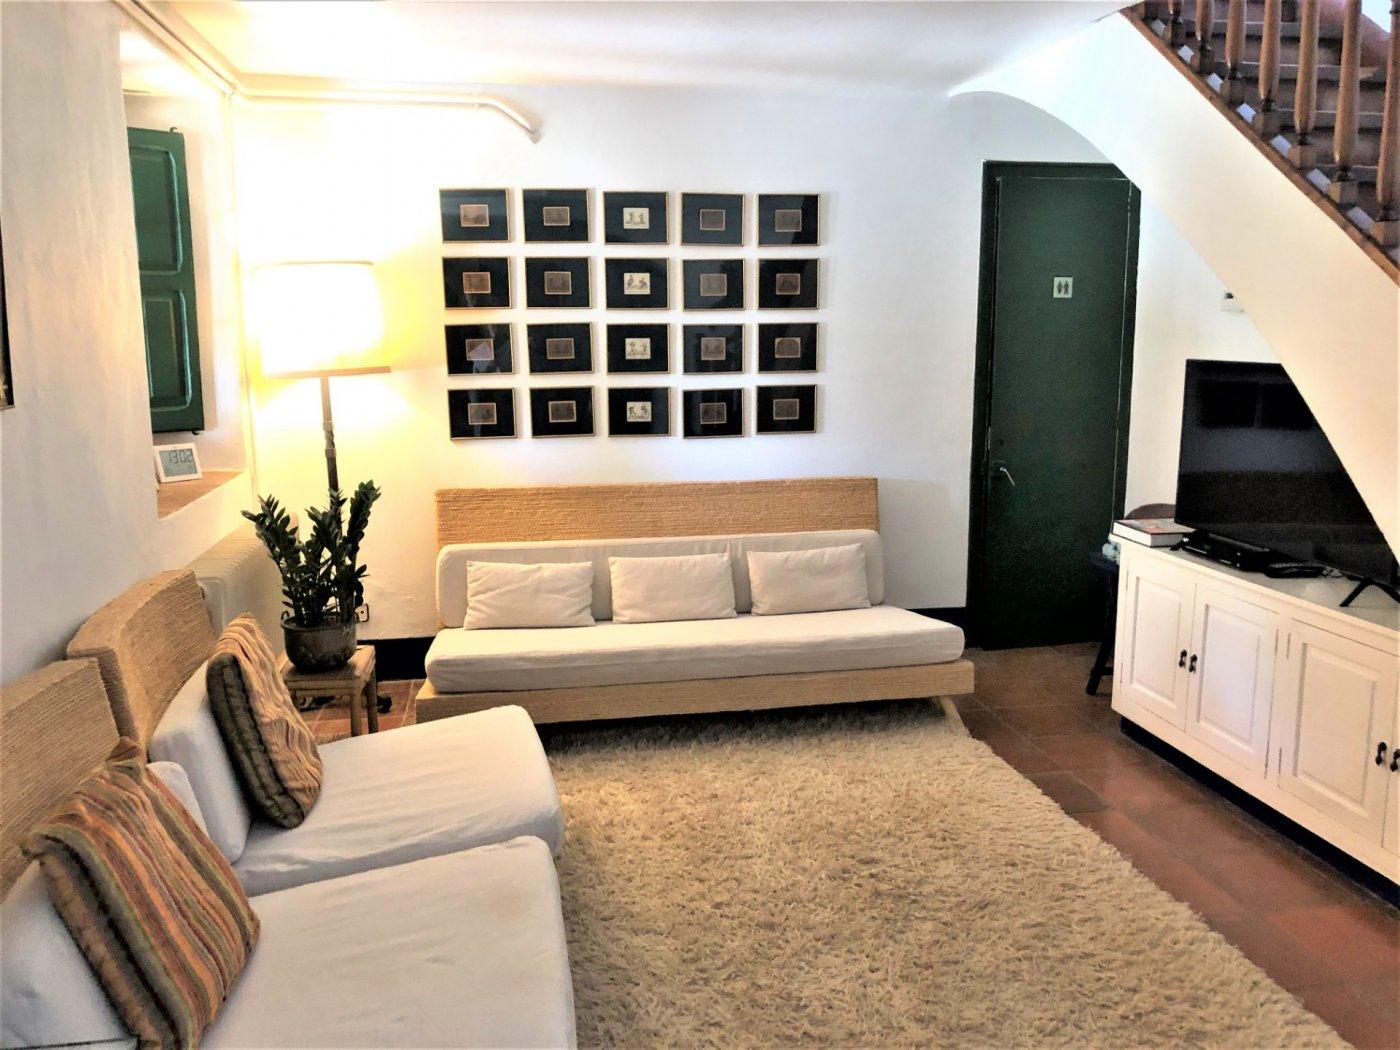 Casa en venta en montblanc - imagenInmueble16